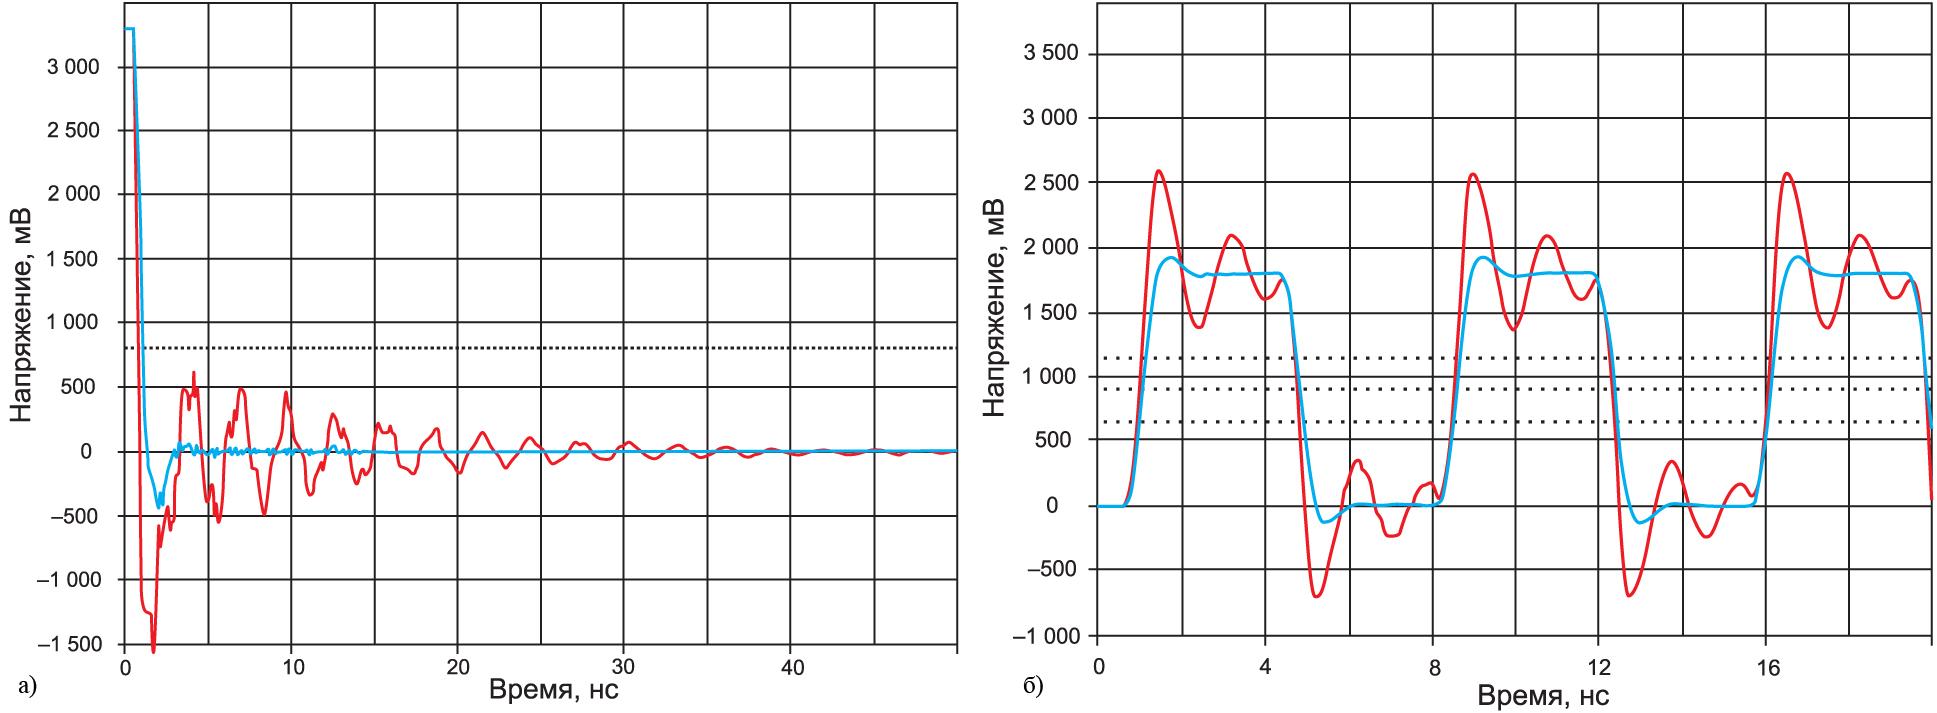 Звон стал существенно меньше после добавления в схему последовательного согласующего резистора (симуляция в HyperLynx)